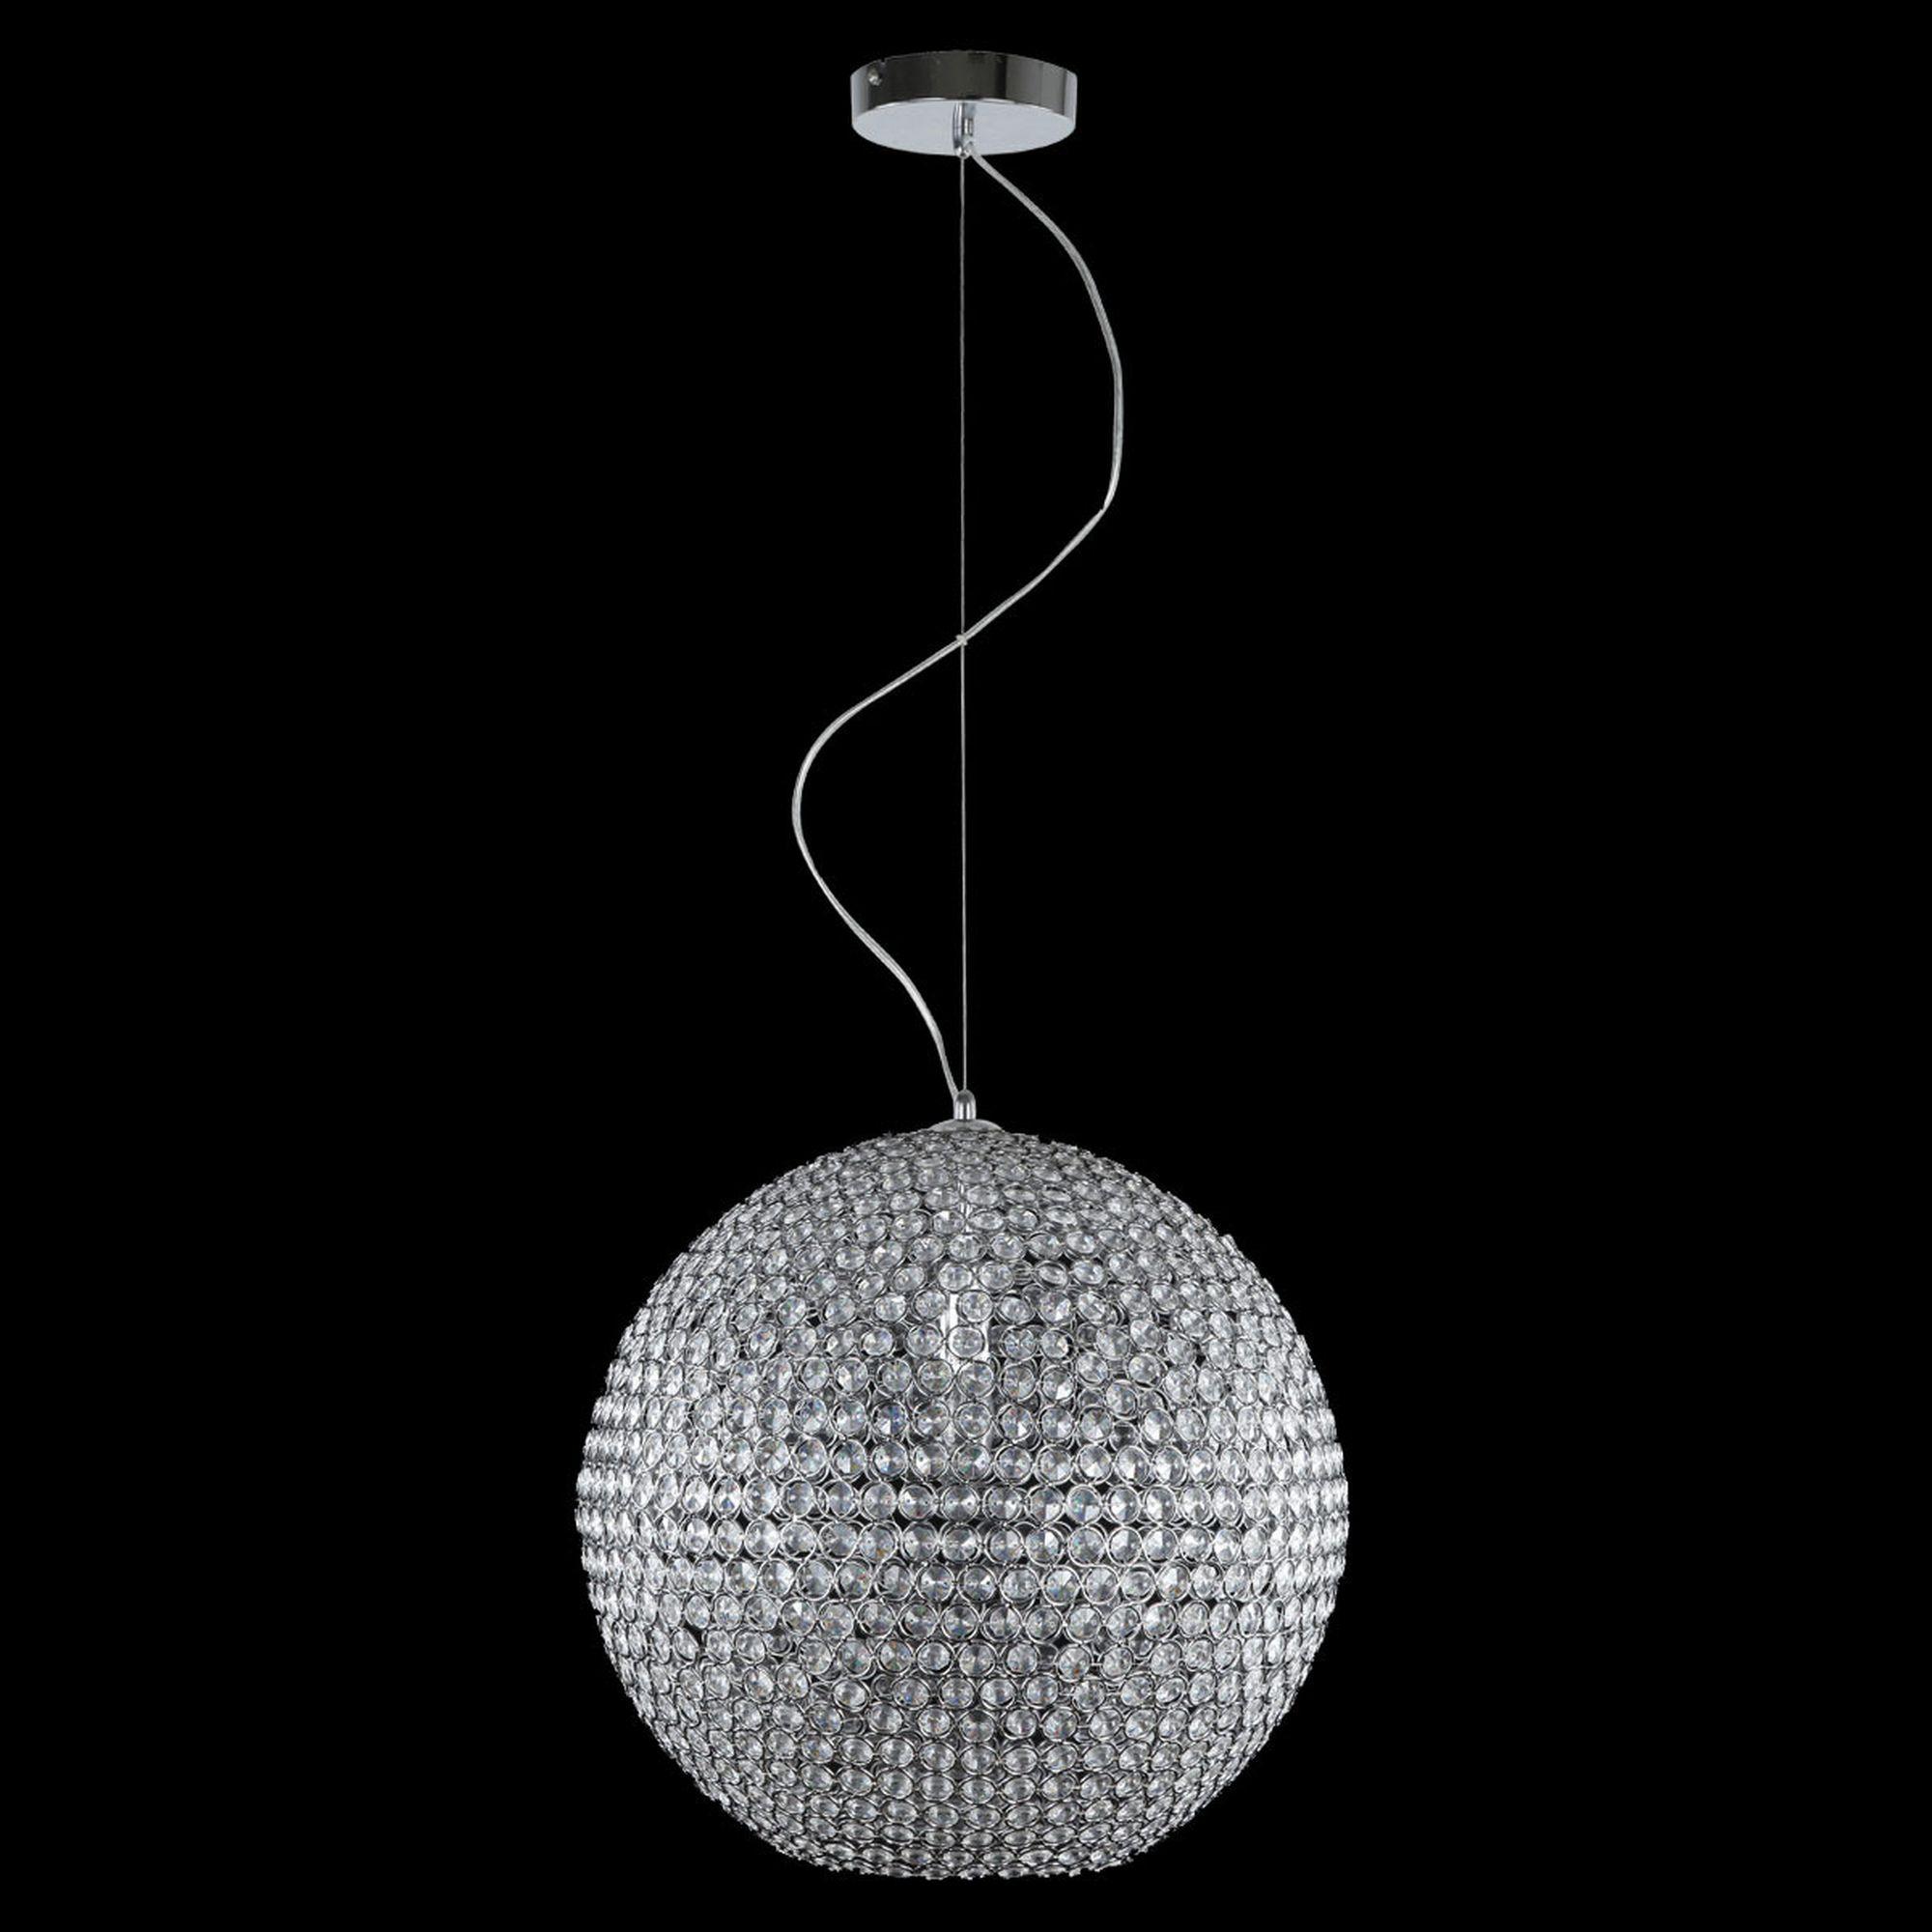 e_167315_schwarz Schöne Was ist Eine Lampe Dekorationen